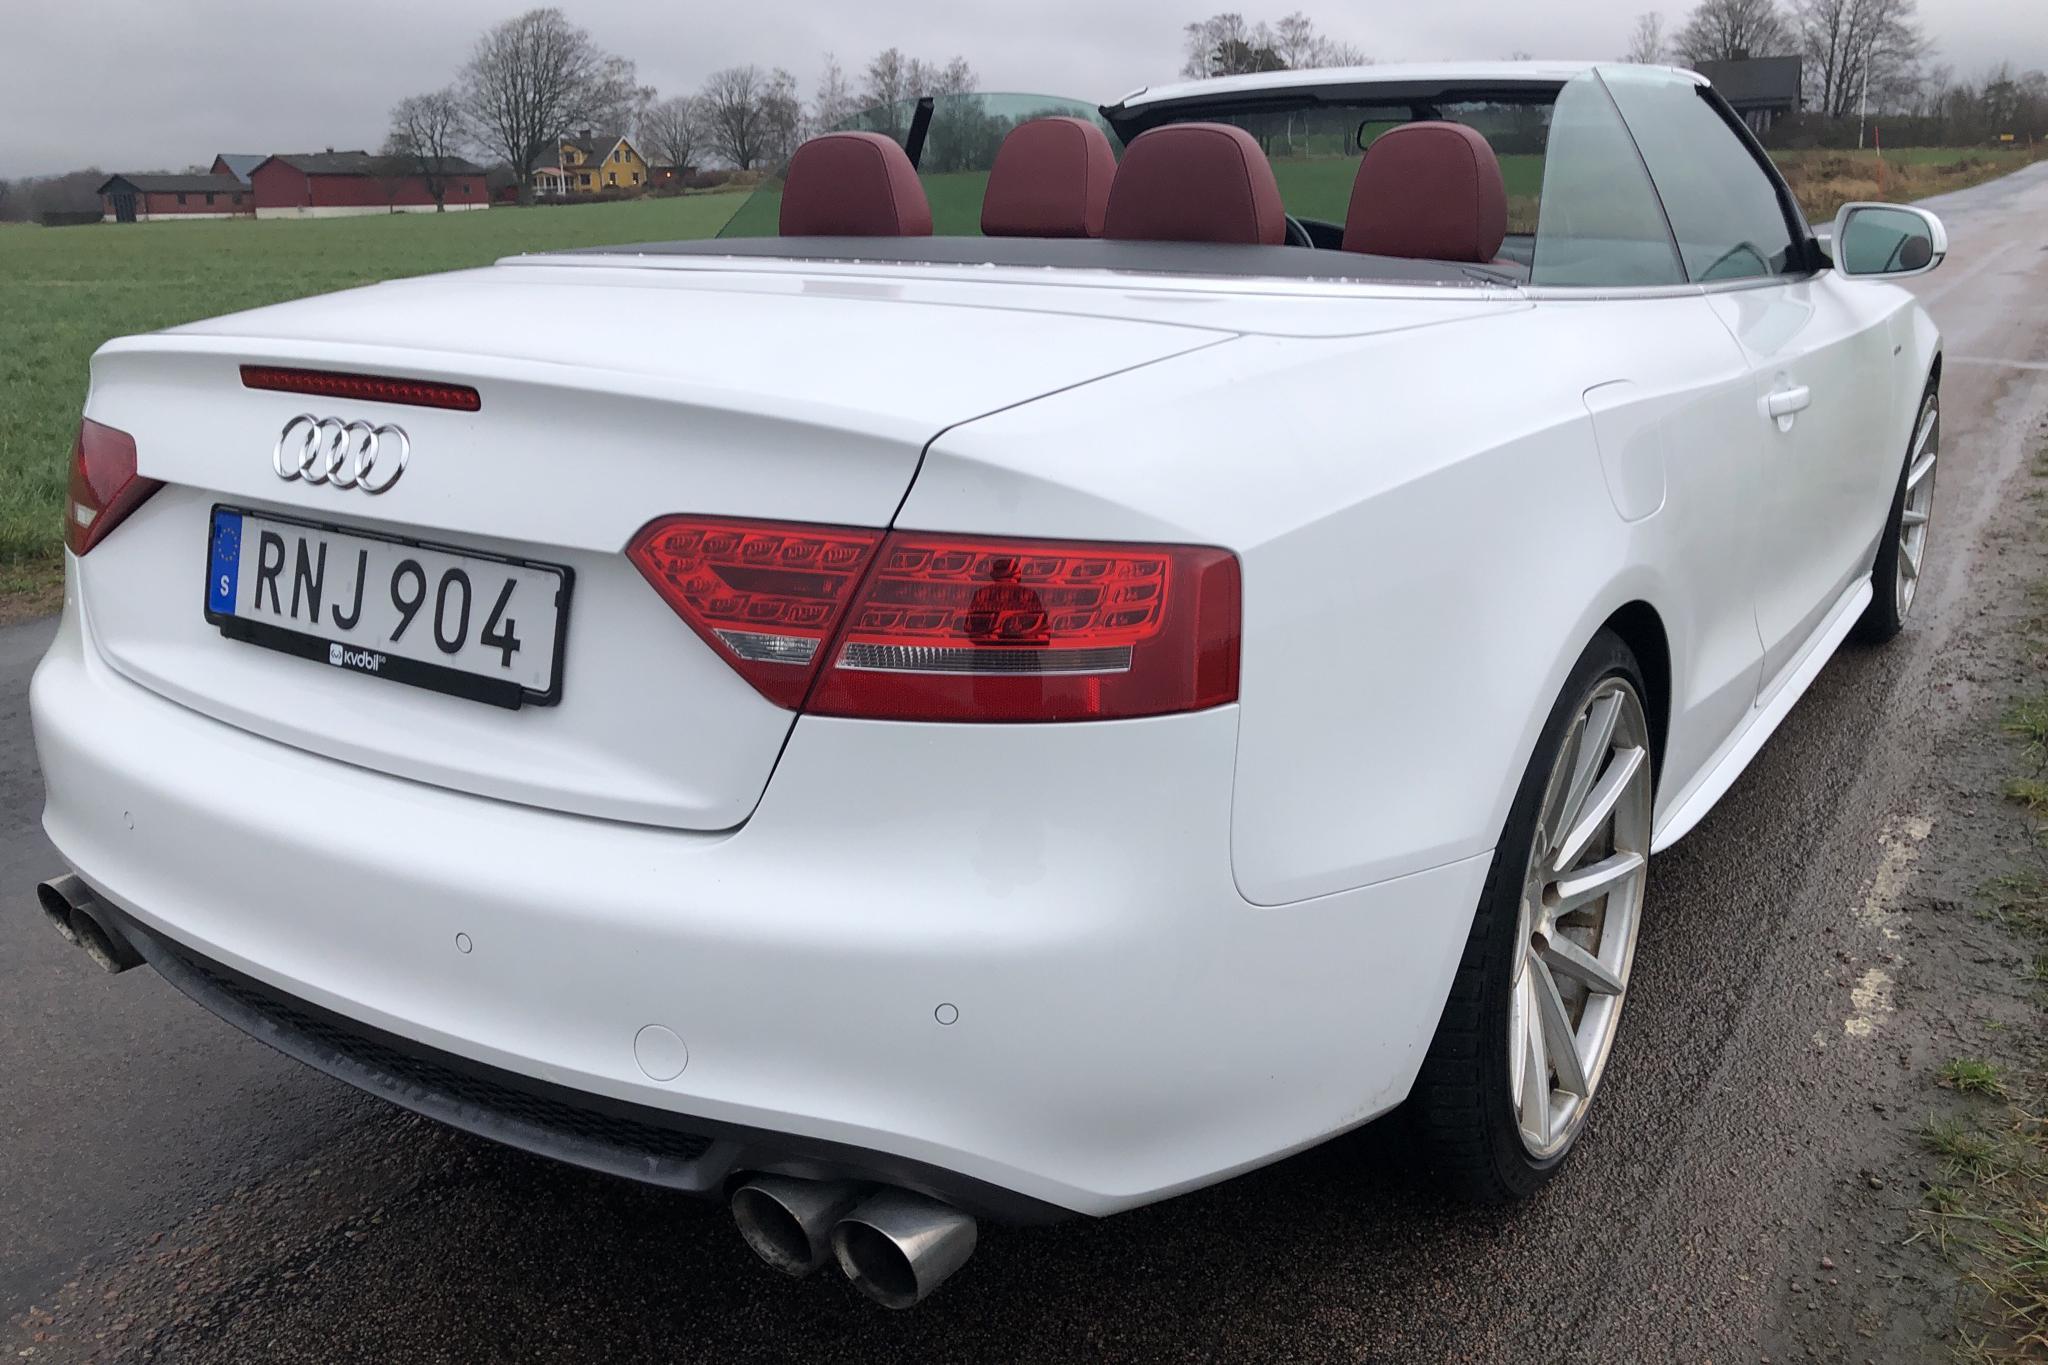 Audi A5 2.0 TFSI Cabriolet (180hk) - 12 387 mil - Automat - vit - 2011